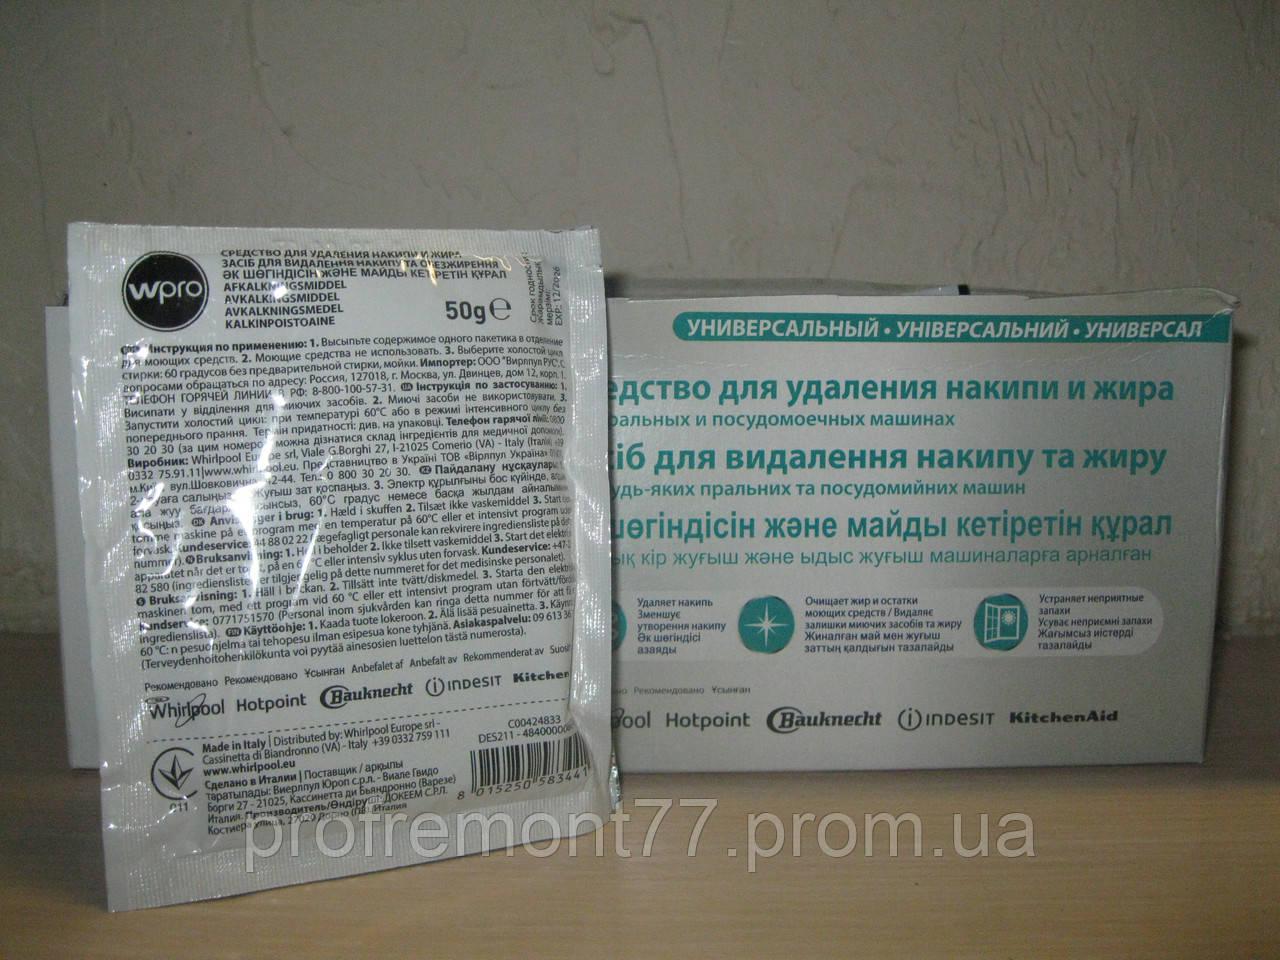 Средство для снятия накипи в стиральной машине WPRO (1 пакетик)